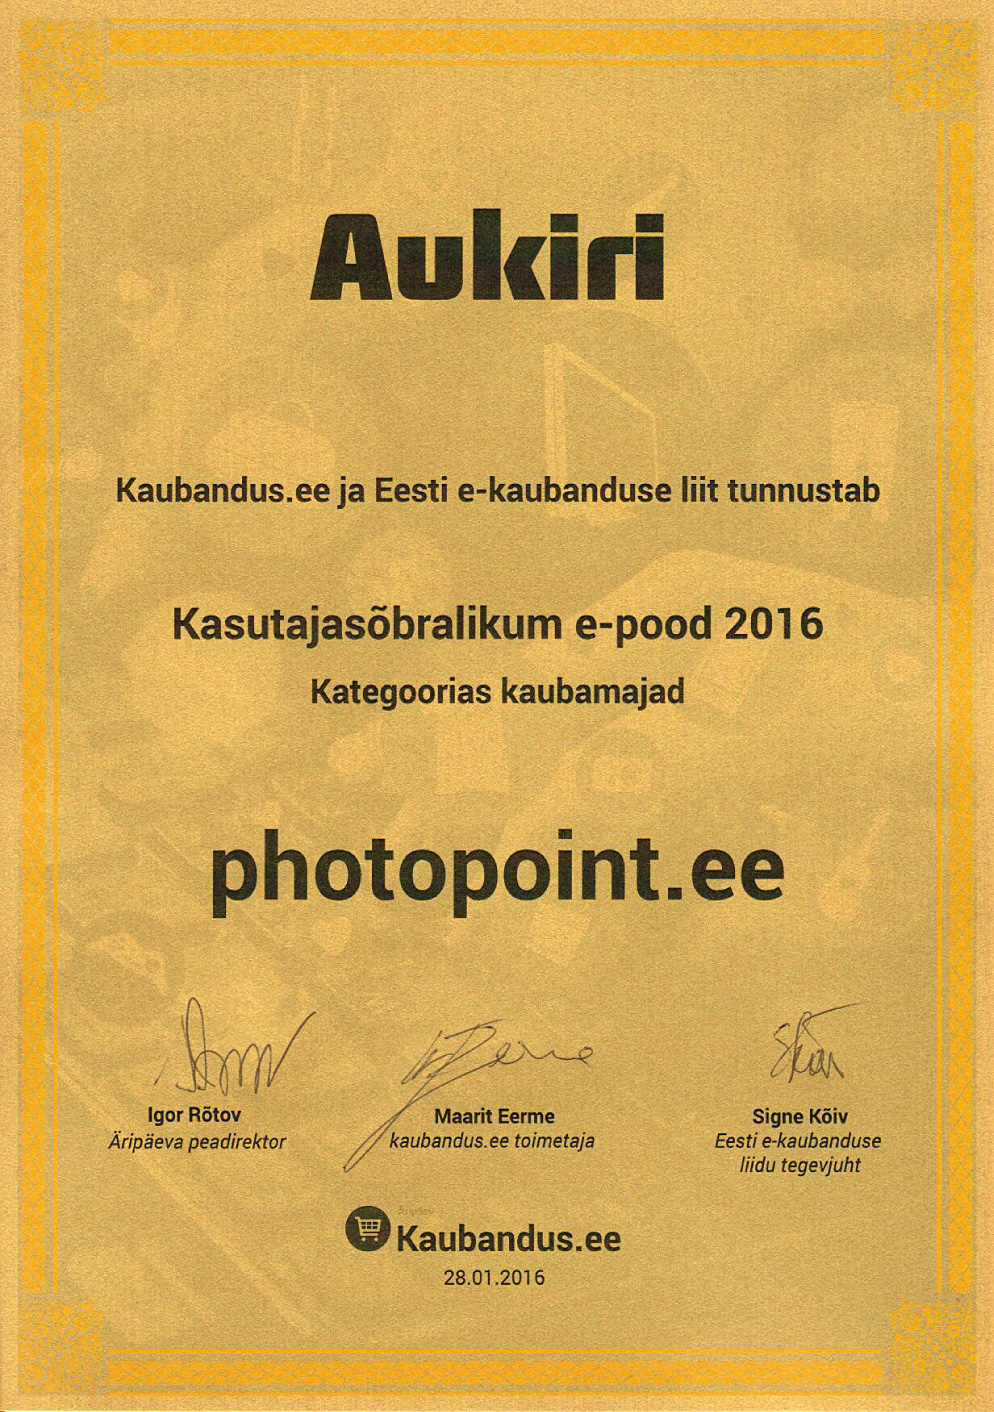 Photopoint признали самым дружественным к пользователю интернет-магазином Эстонии